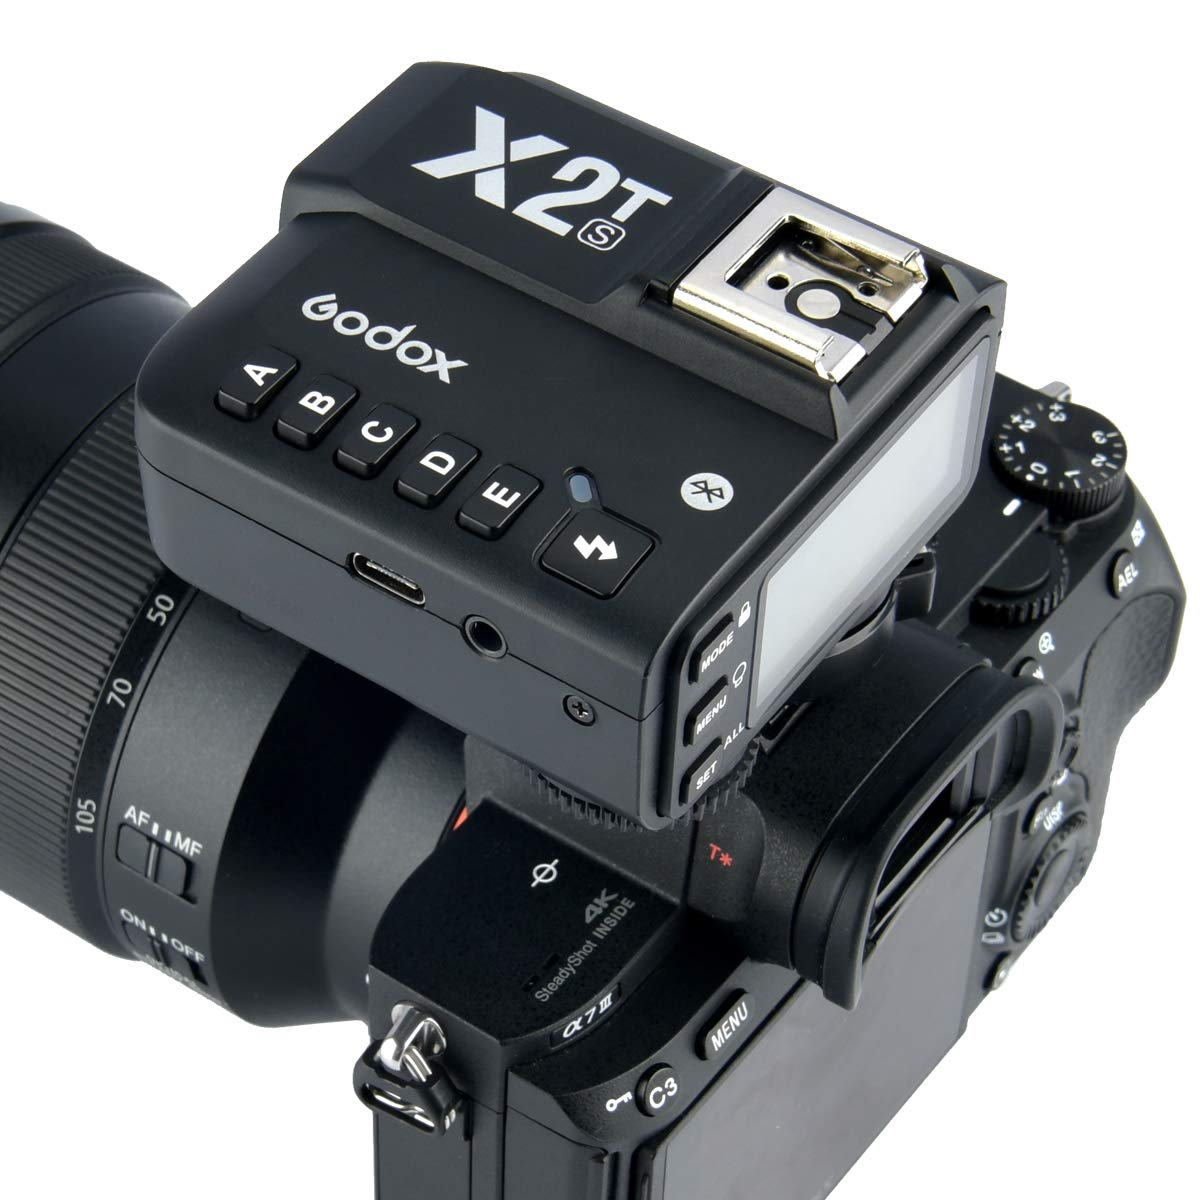 Godox X2T-S TTL Wireless Flash Trigger 1/8000s HSS TTL, Phone APP Adjustment, Compatible Sony (X2T-S) by Godox (Image #7)